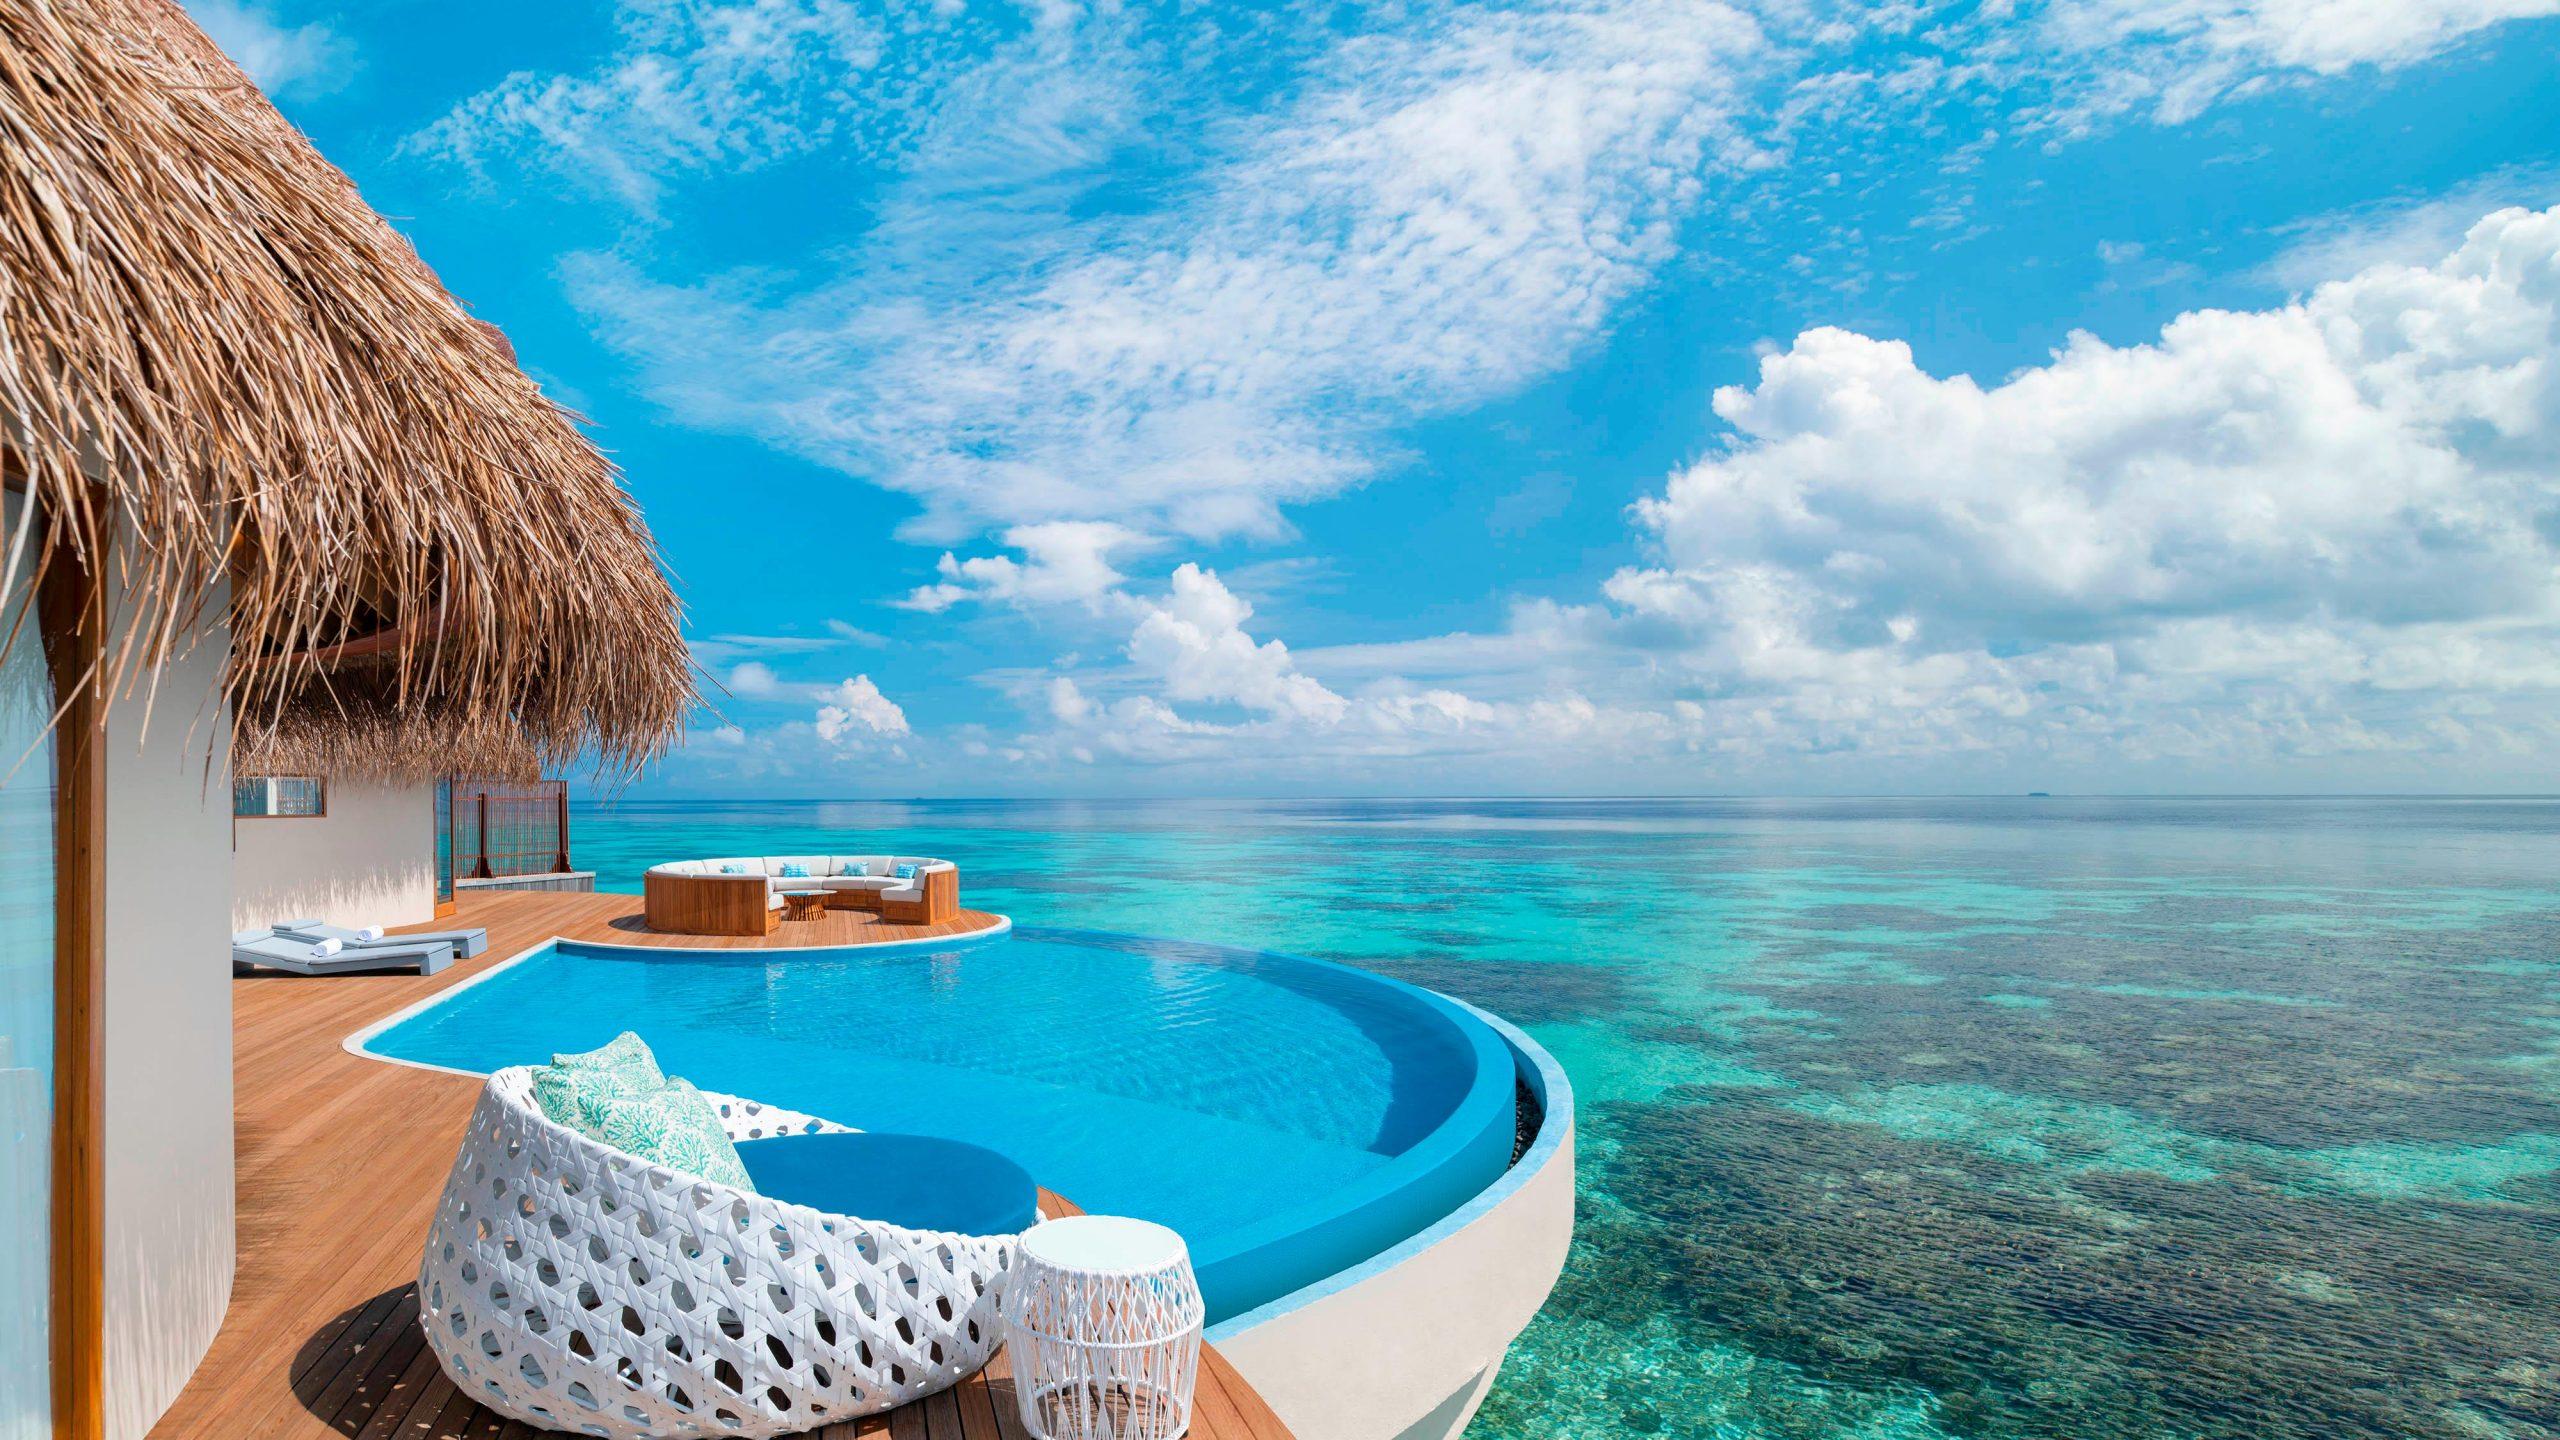 صور جزر المالديف 25